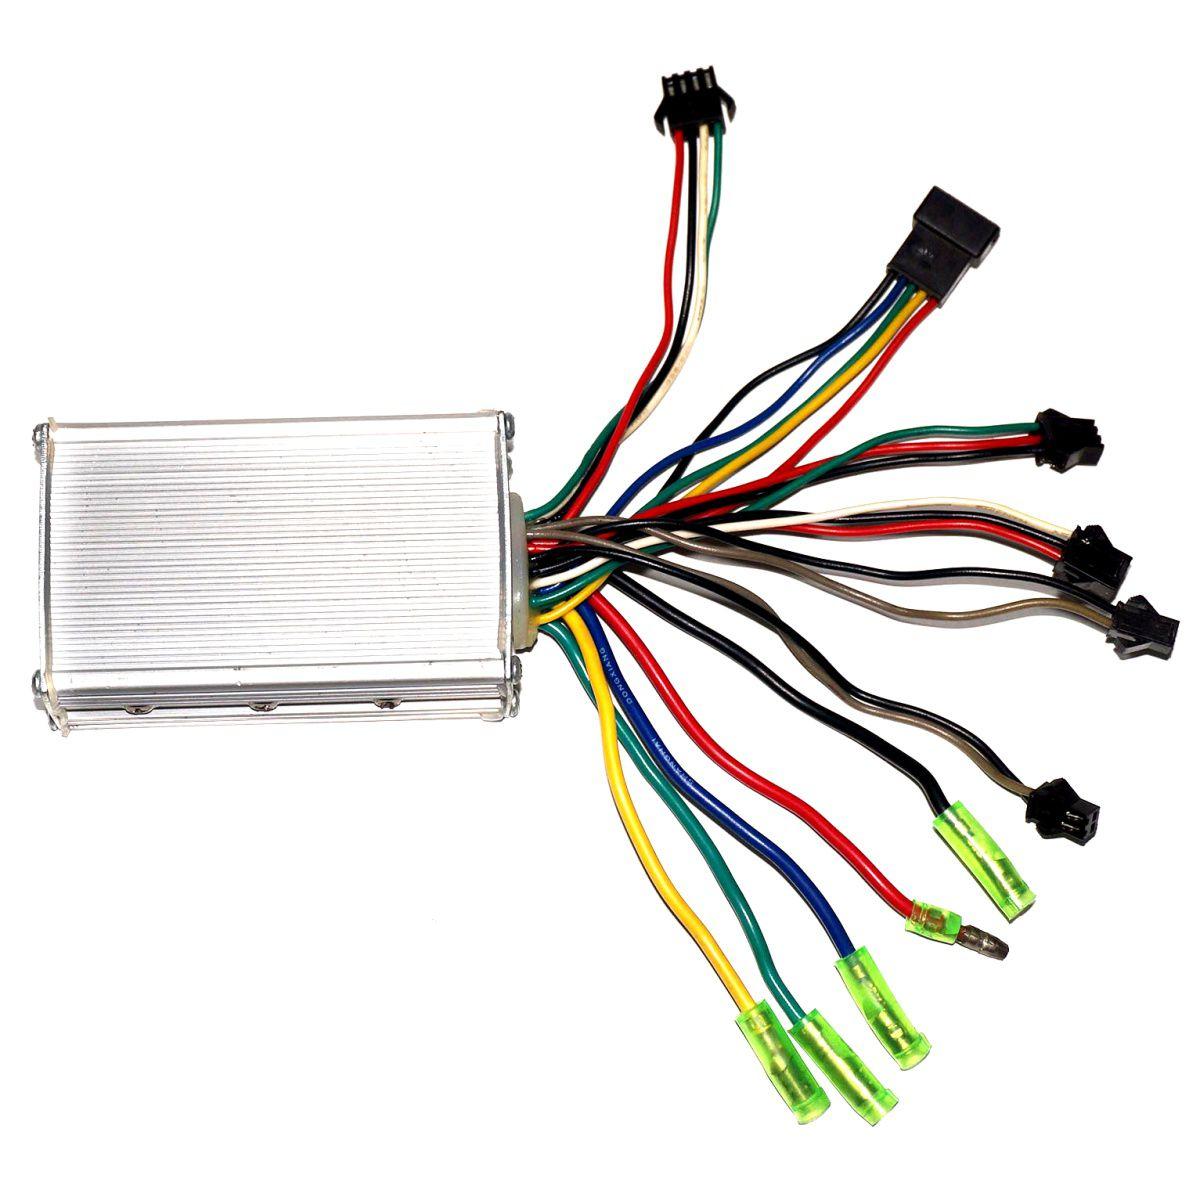 Controladora 36v p/ Painel 720/790 EMB 12